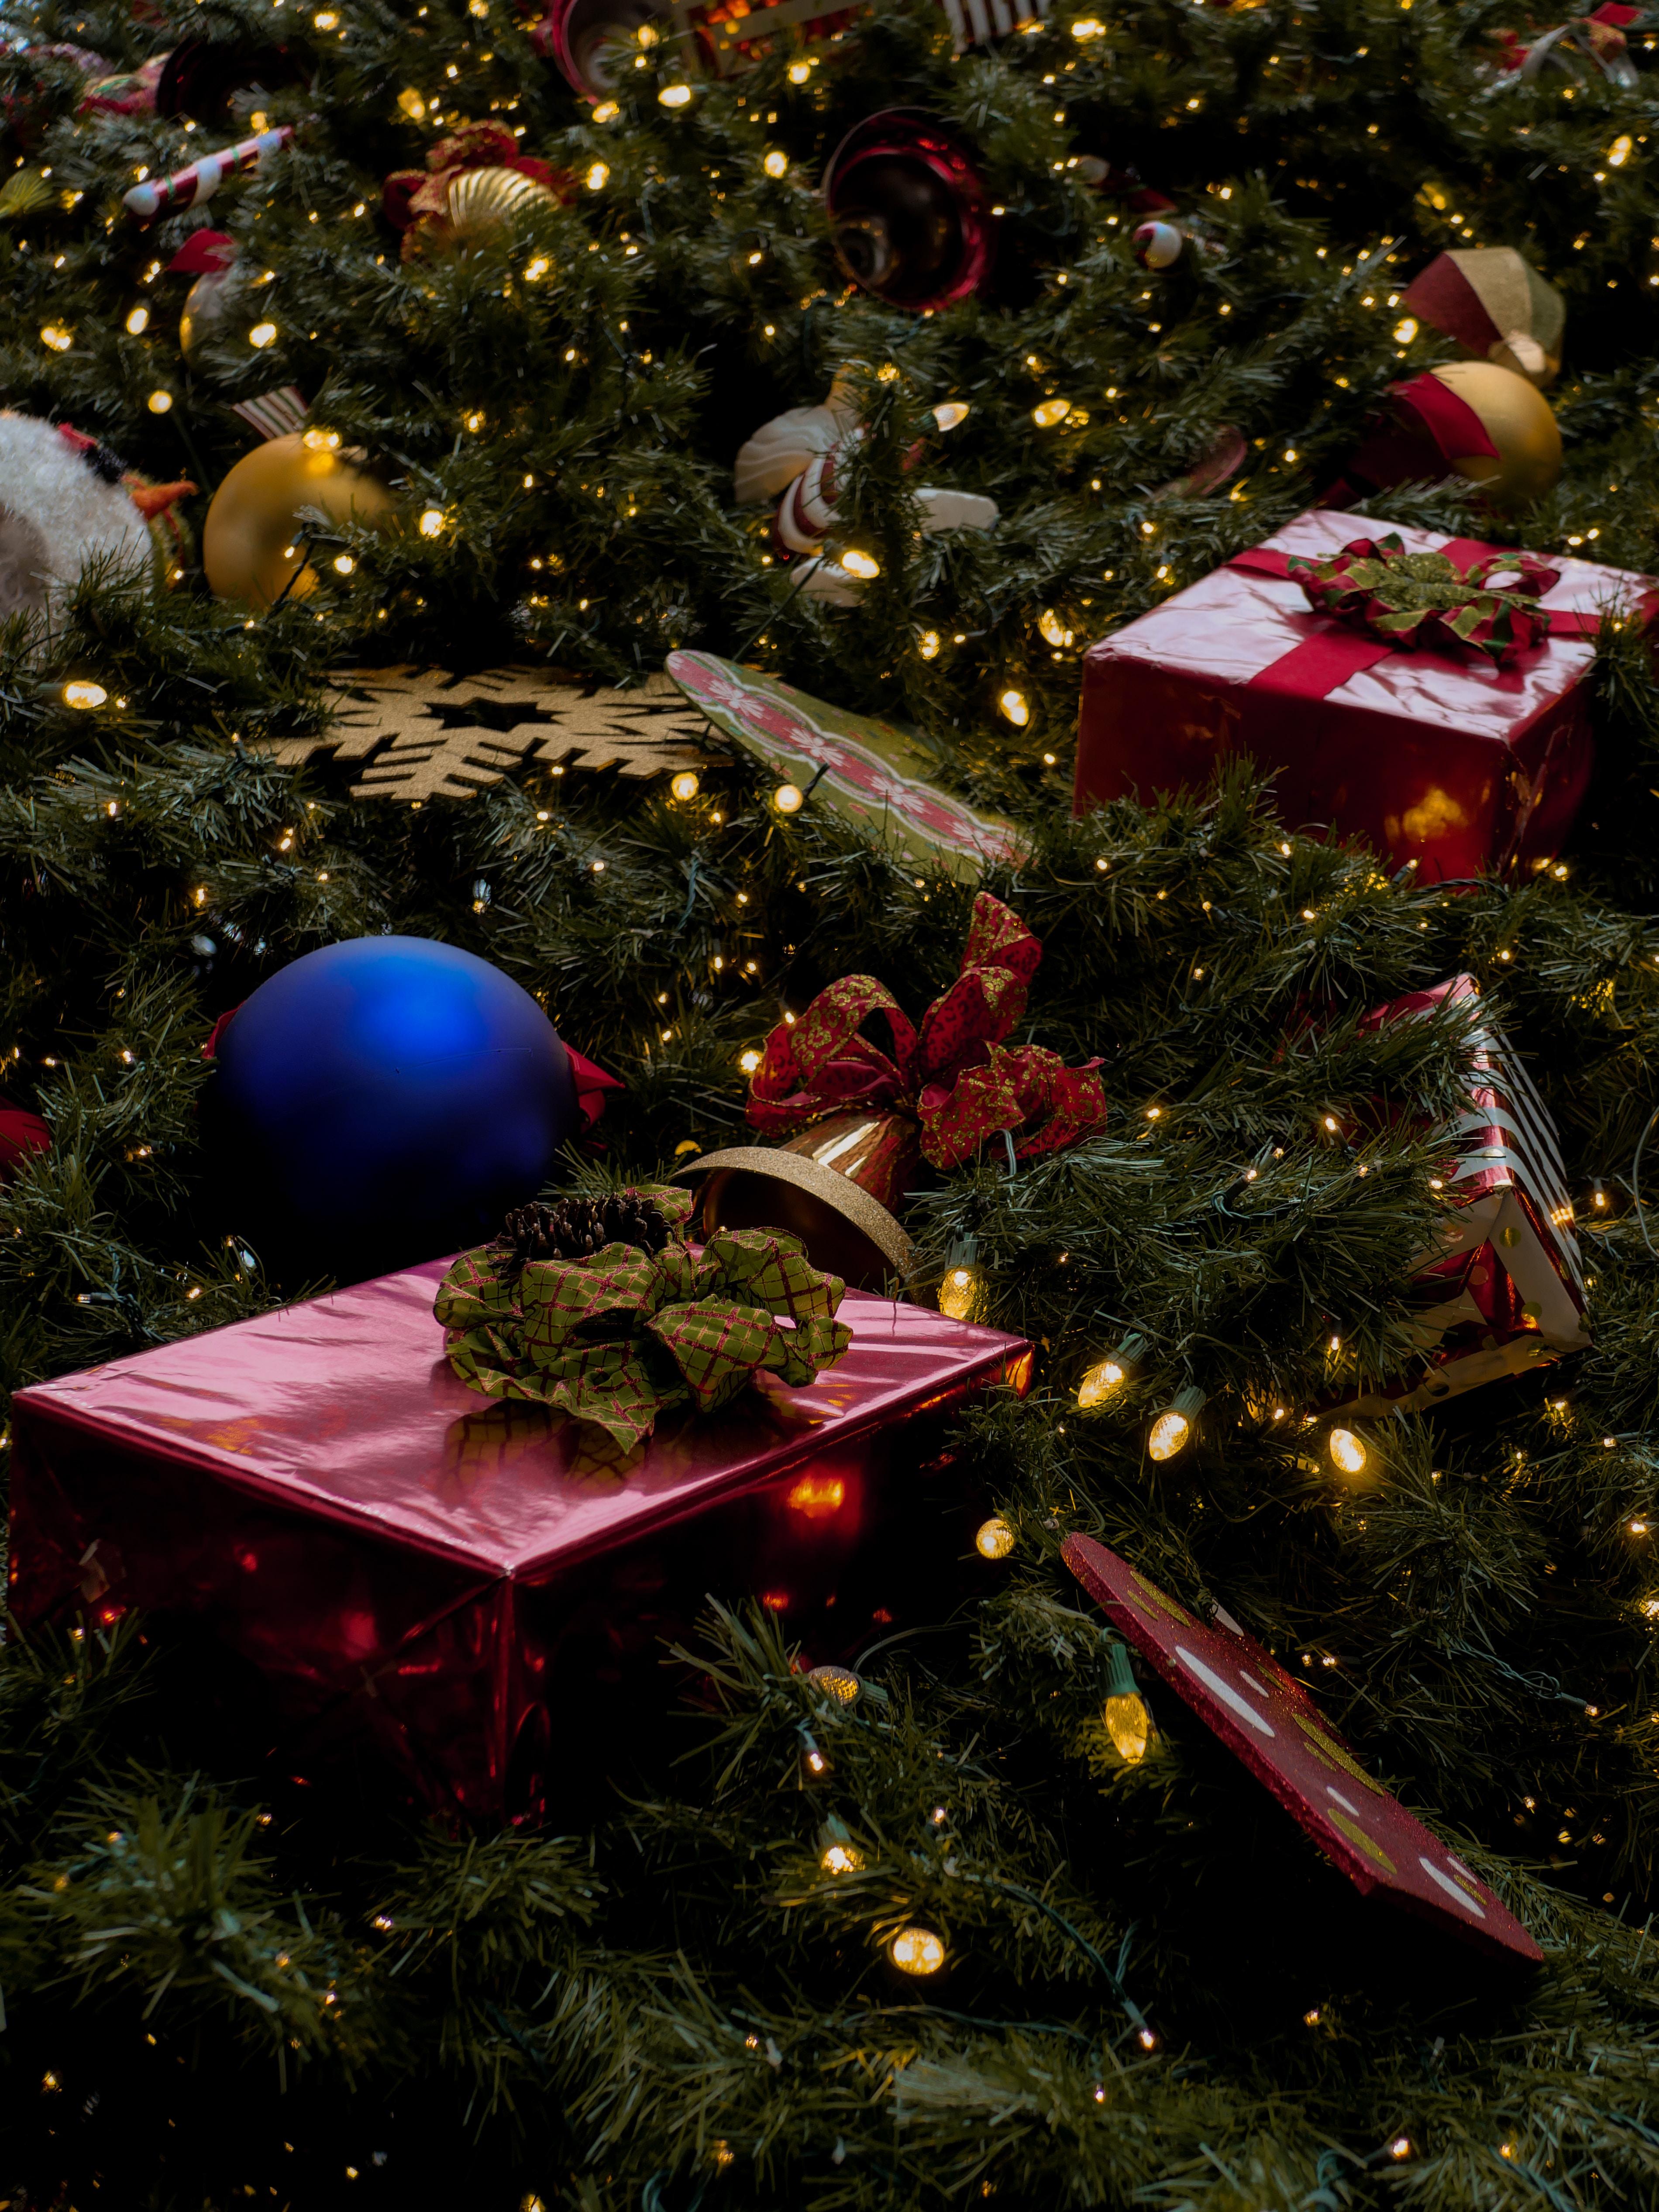 126803 Salvapantallas y fondos de pantalla Año Nuevo en tu teléfono. Descarga imágenes de Vacaciones, Año Nuevo, Árbol De Navidad, Presenta, Regalos, Decoraciones, Guirnaldas, Guirnalda gratis